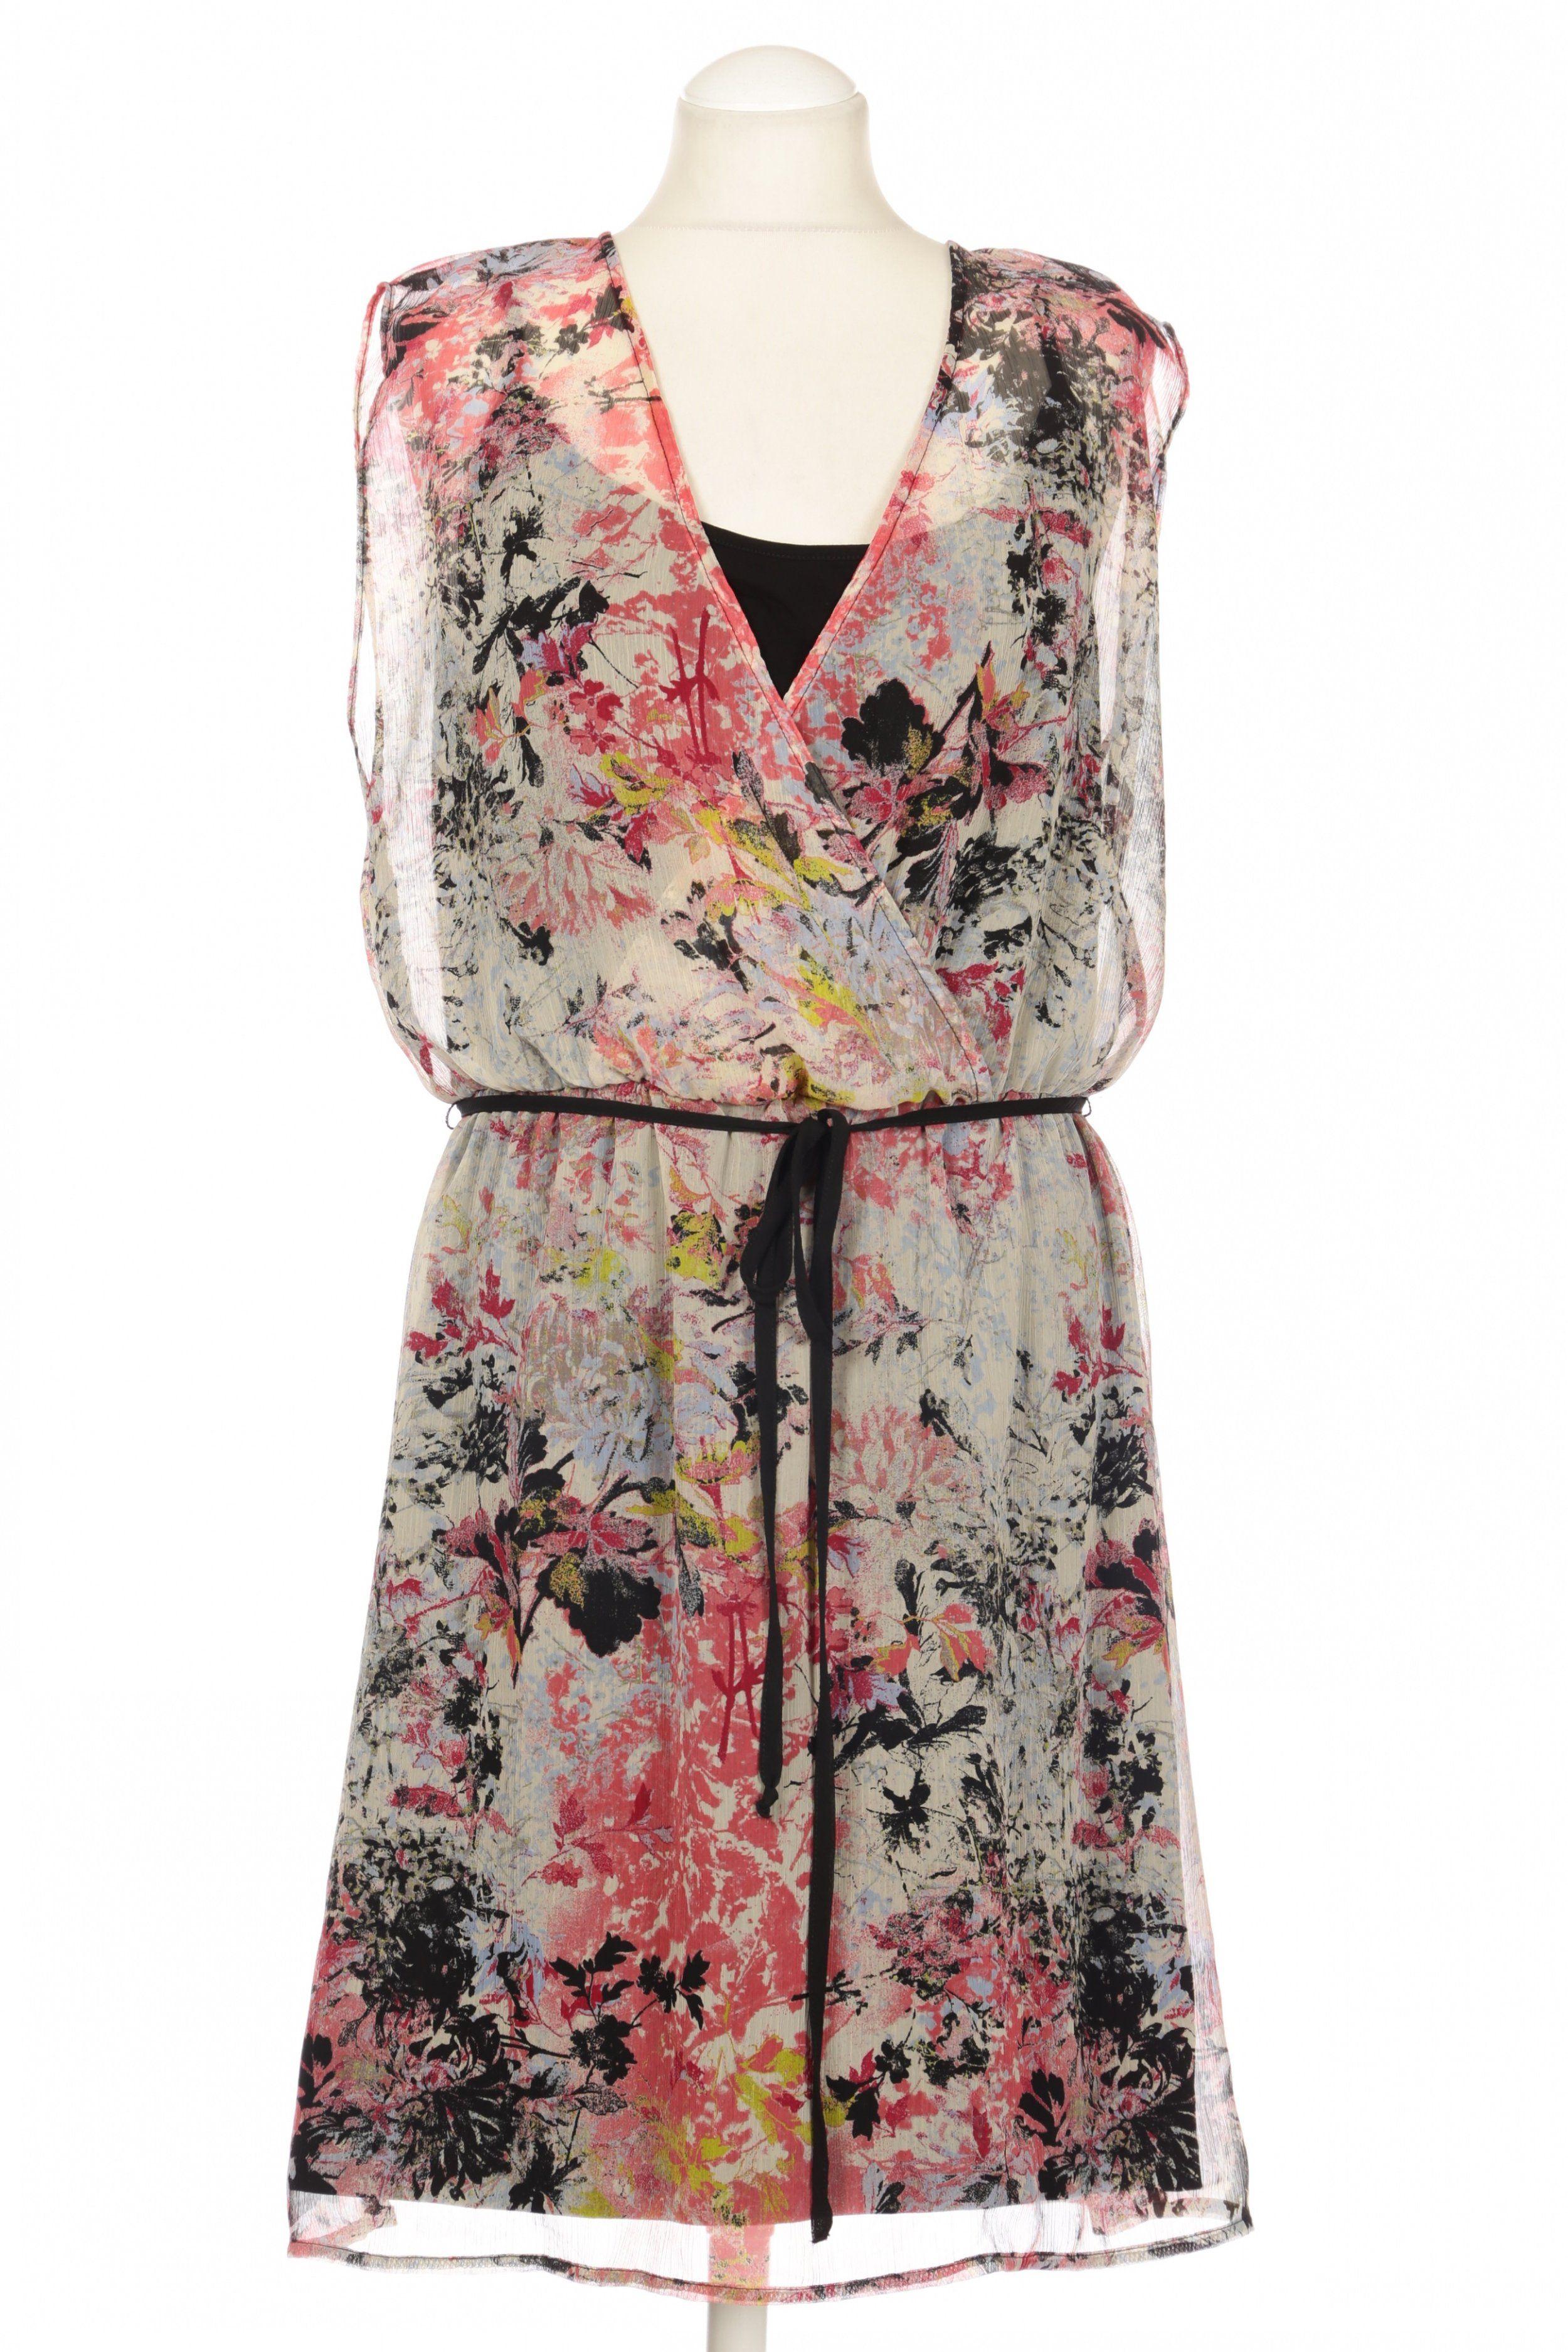 ubup | s.Oliver Damen Kleid DE 42 Second Hand kaufen (mit ...